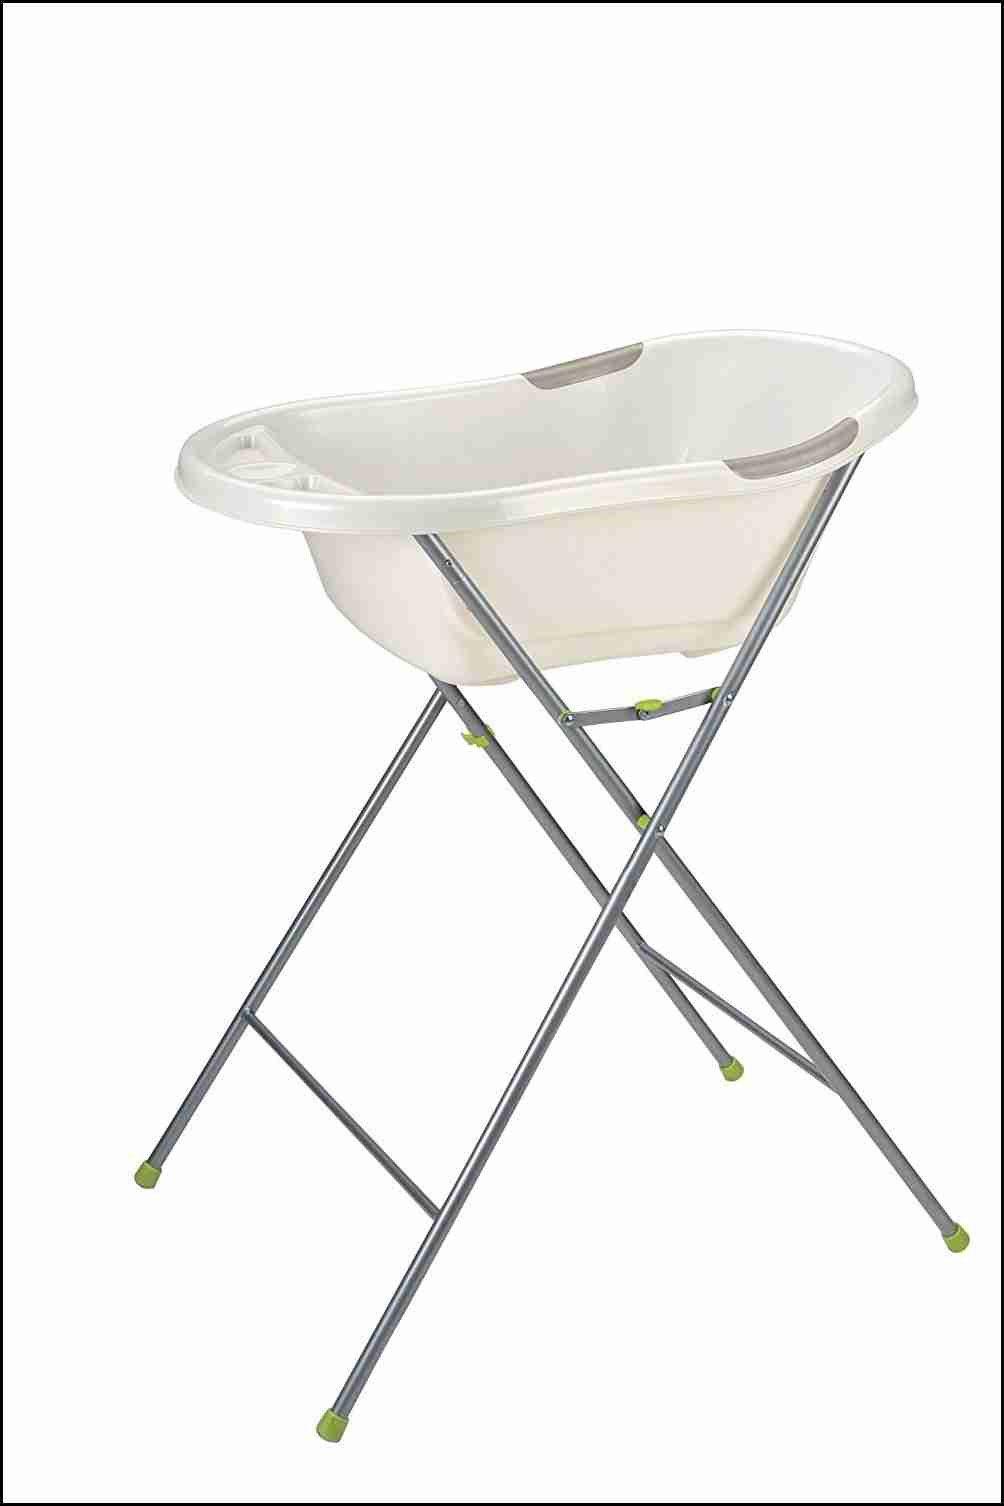 Lit Enfant Fer forgé Élégant Chaise Table Bébé Cuisine Pour Bebe Lovely Lit Ikea Bebe 12 Superpos